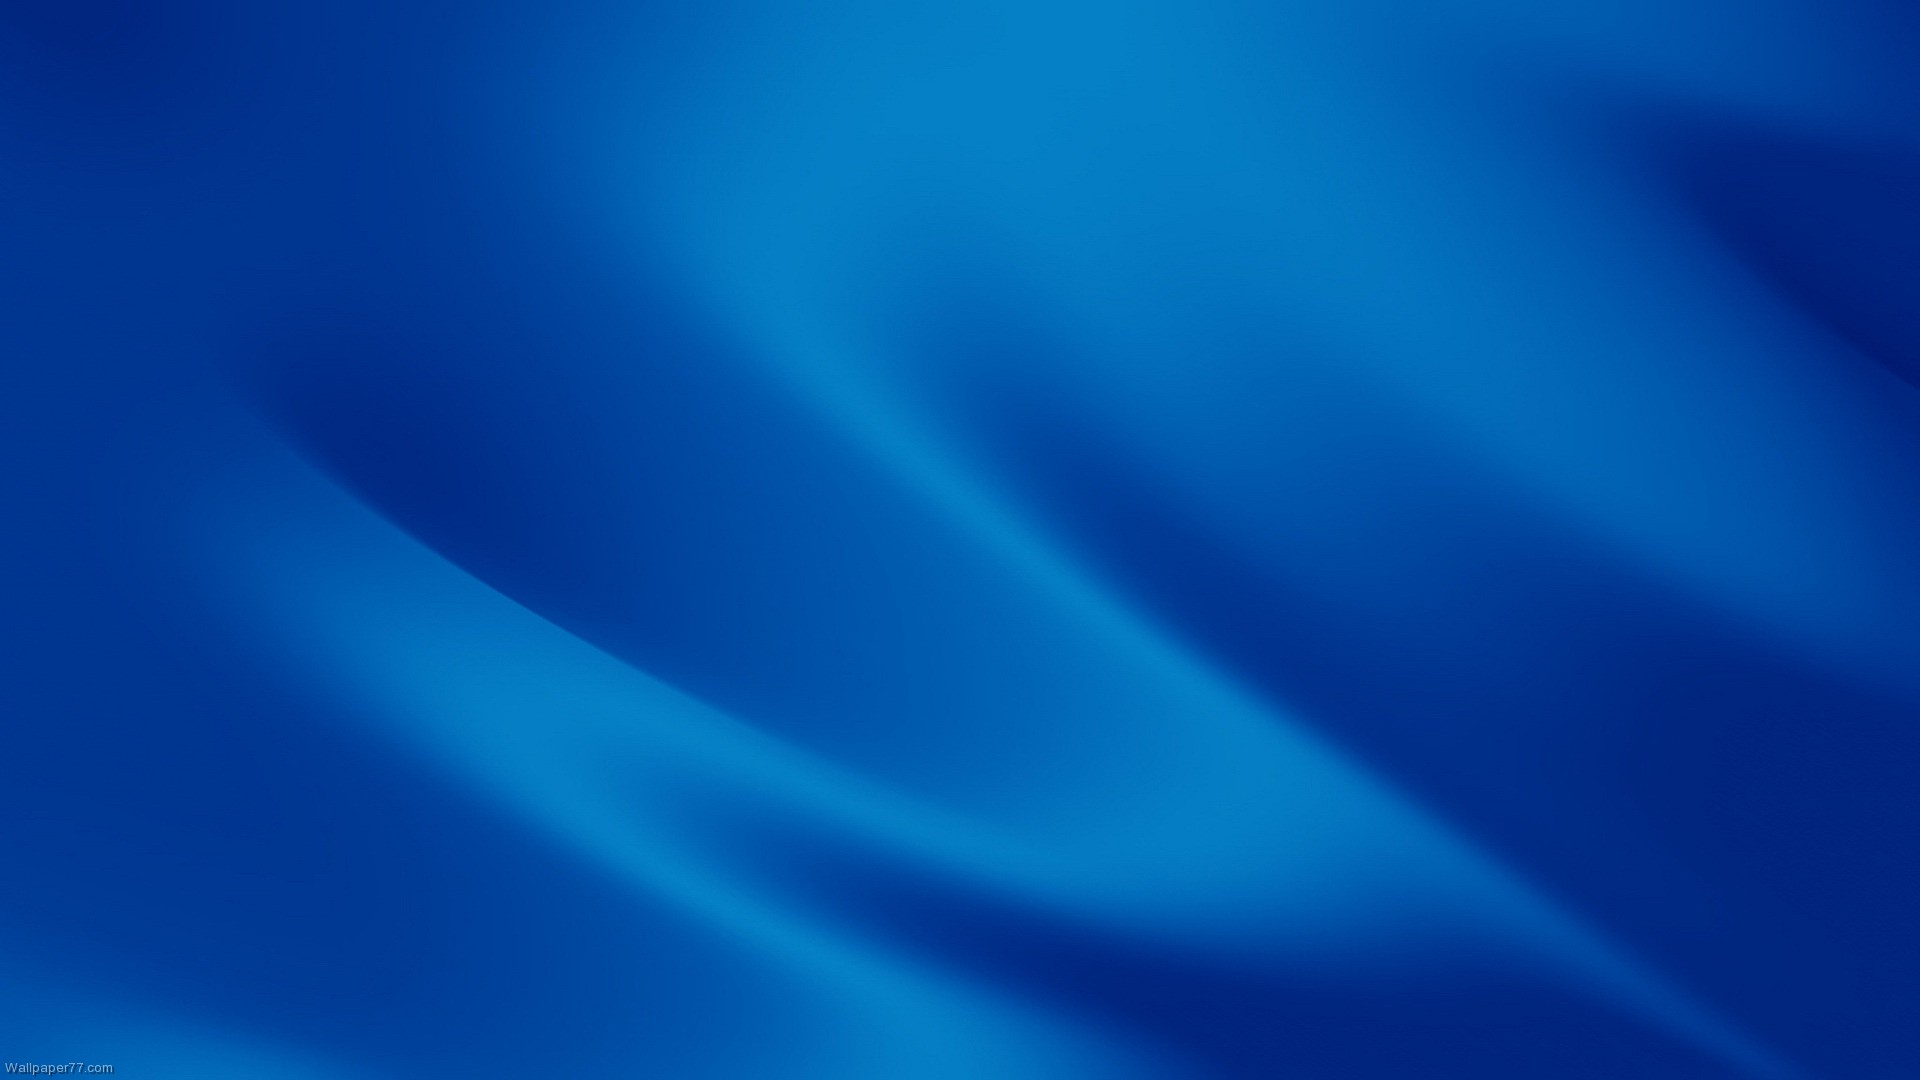 Dark Blue Desktop Wallpaper - WallpaperSafari